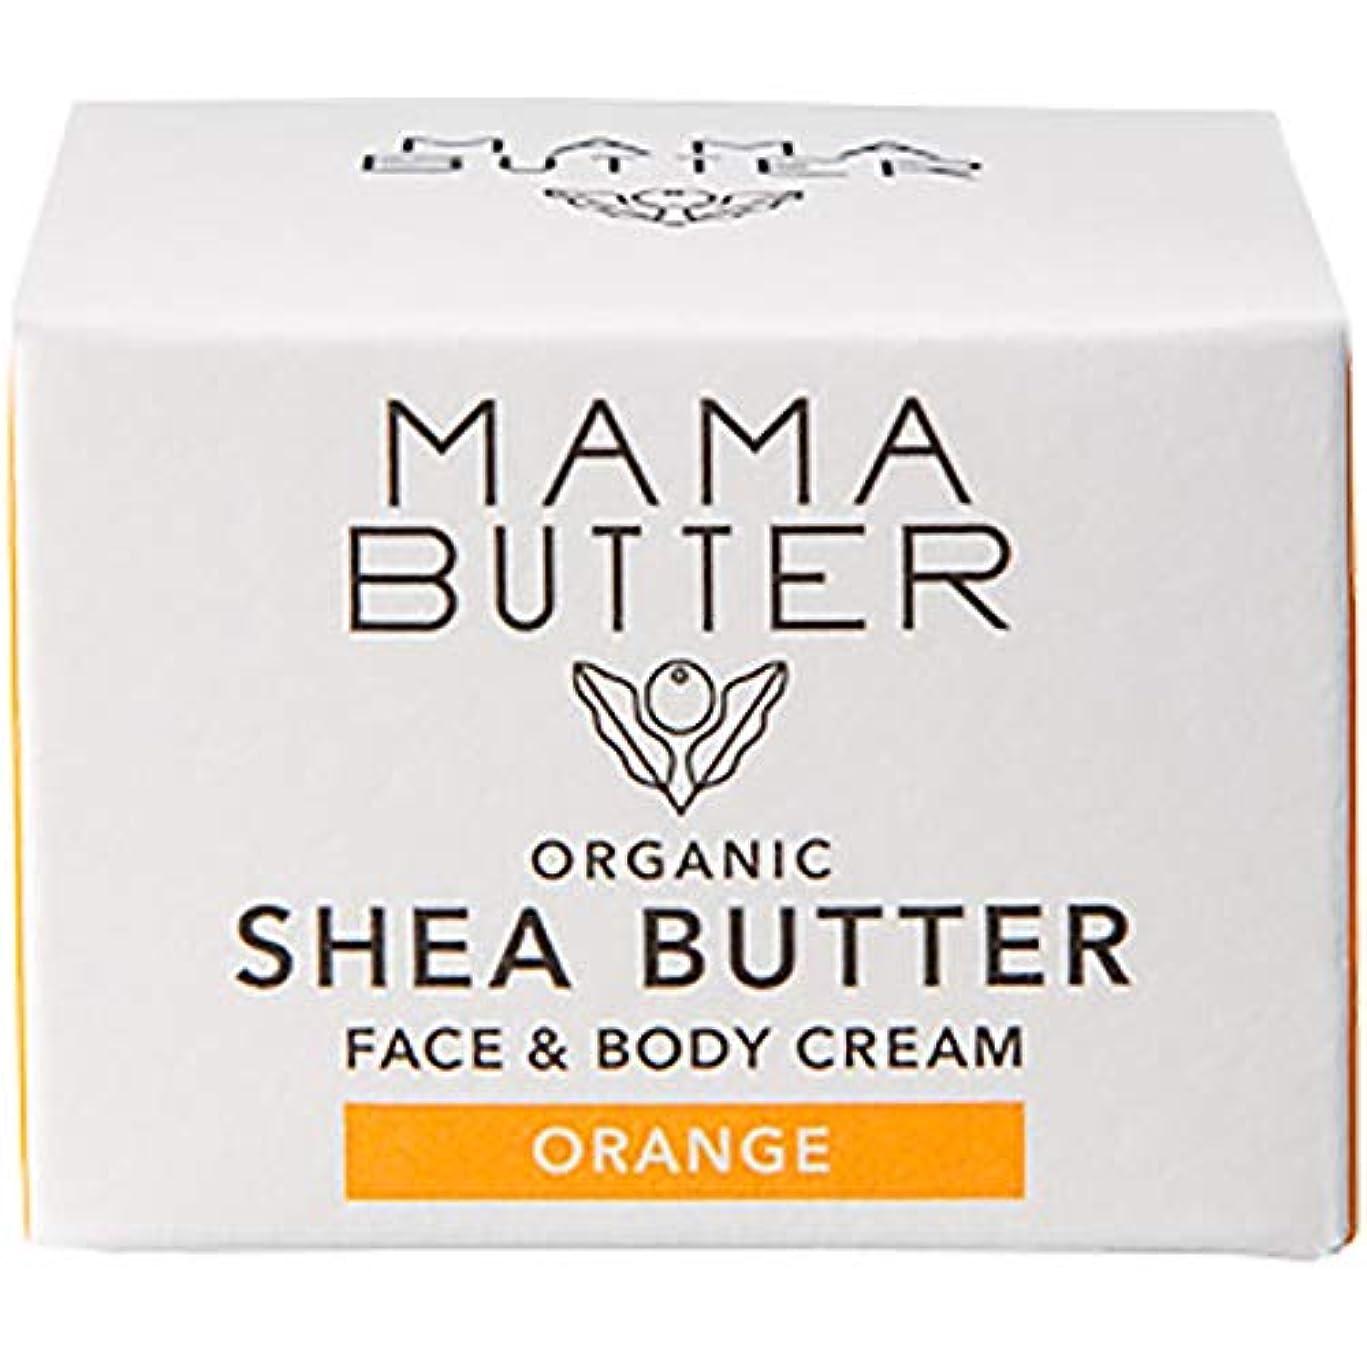 バリー発生提案するMAMA BUTTER(ママバター) フェイス&ボディクリーム25g オレンジ